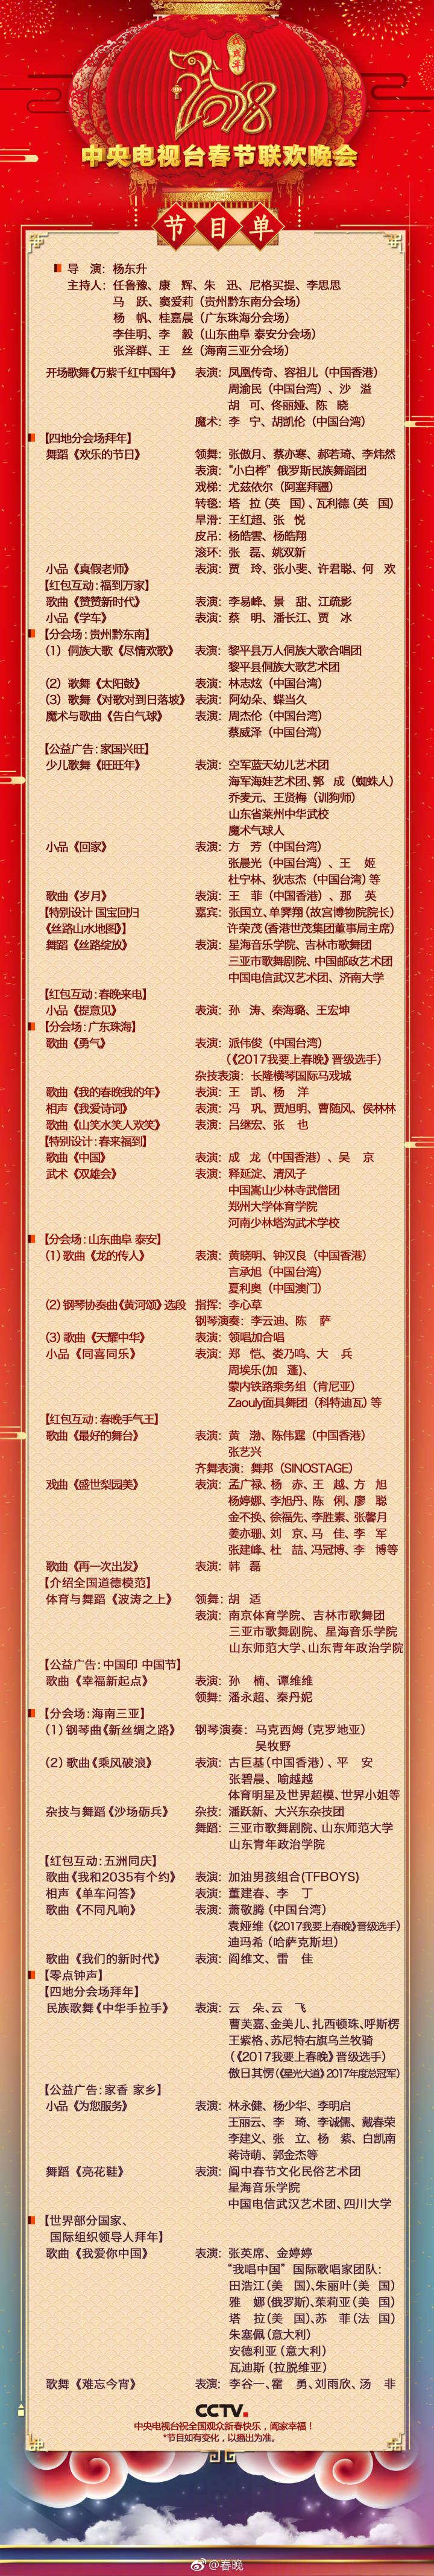 WeChat Image_20180214230840.jpg